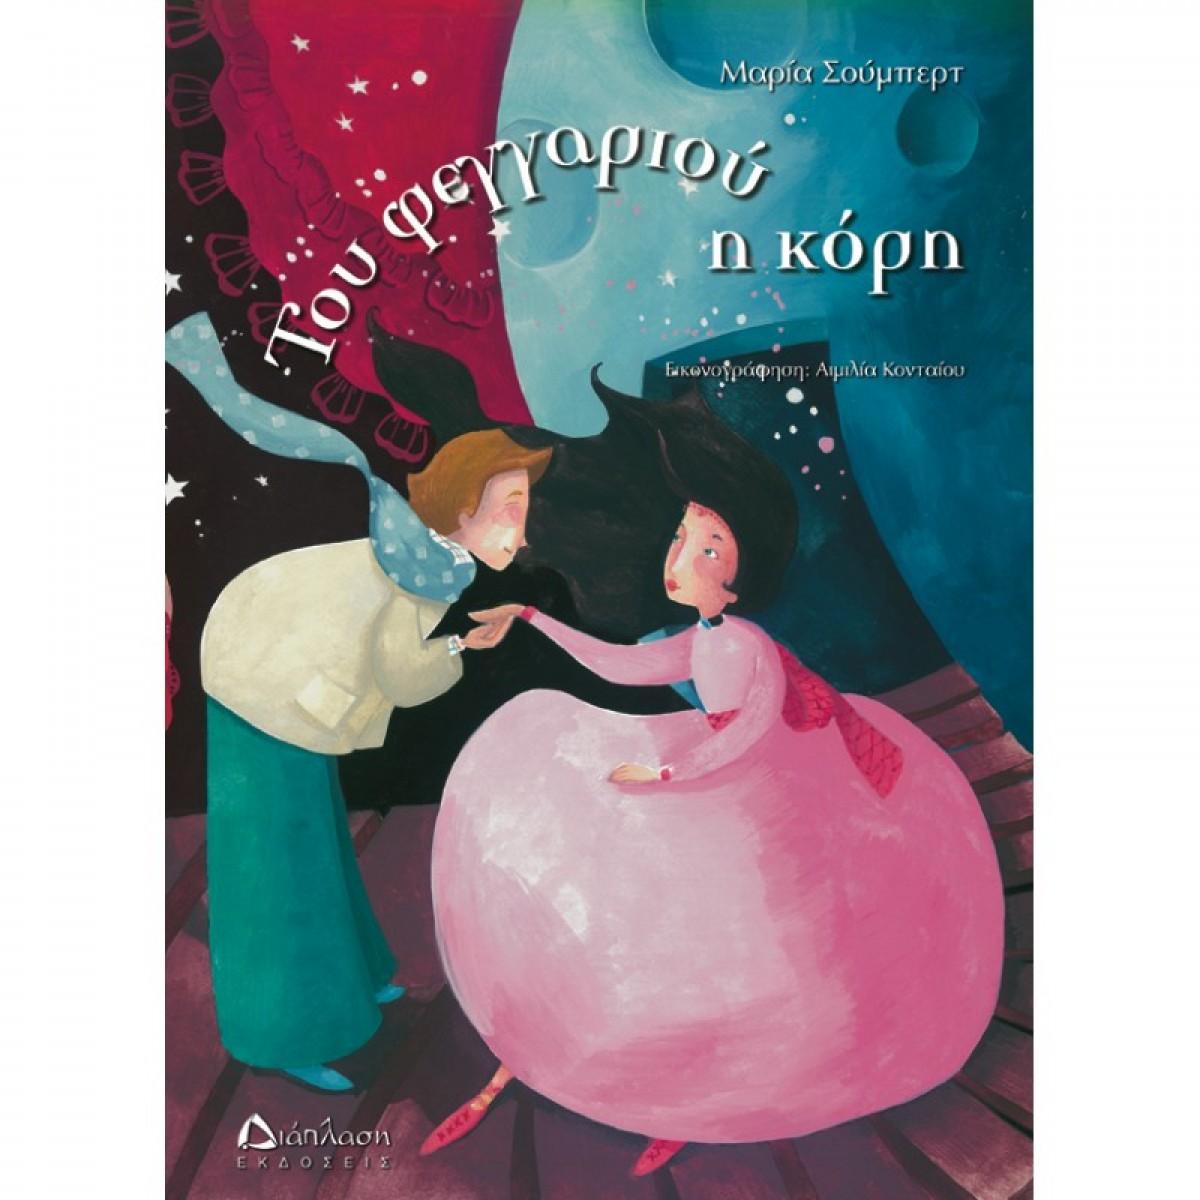 ΤΟΥ ΦΕΓΓΑΡΙΟΥ Η ΚΟΡΗ Παιδικά Βιβλία